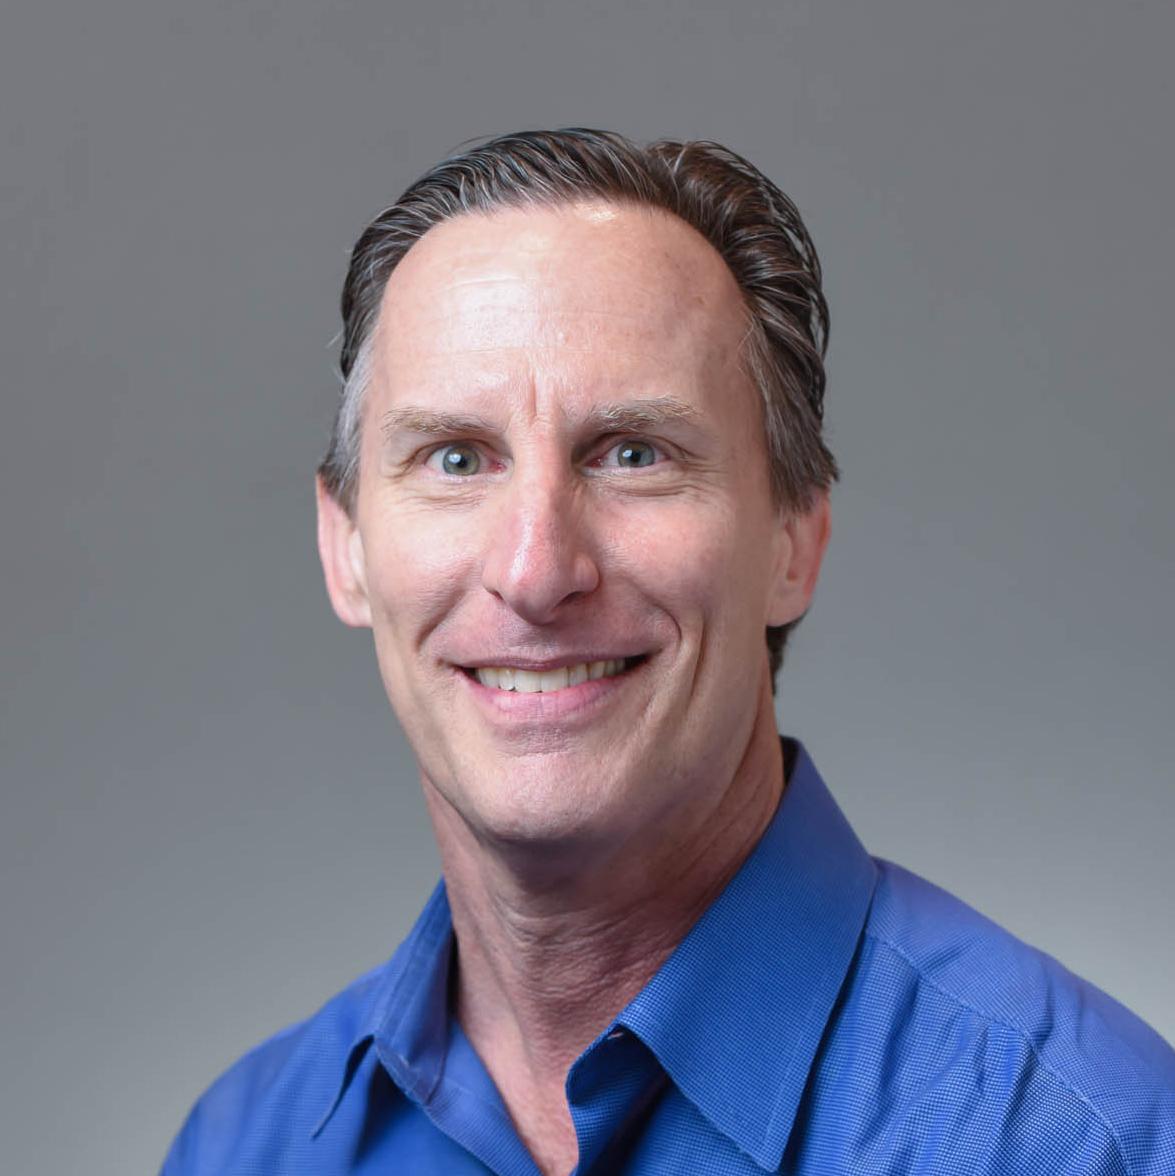 Dr. Andrew M Satlin